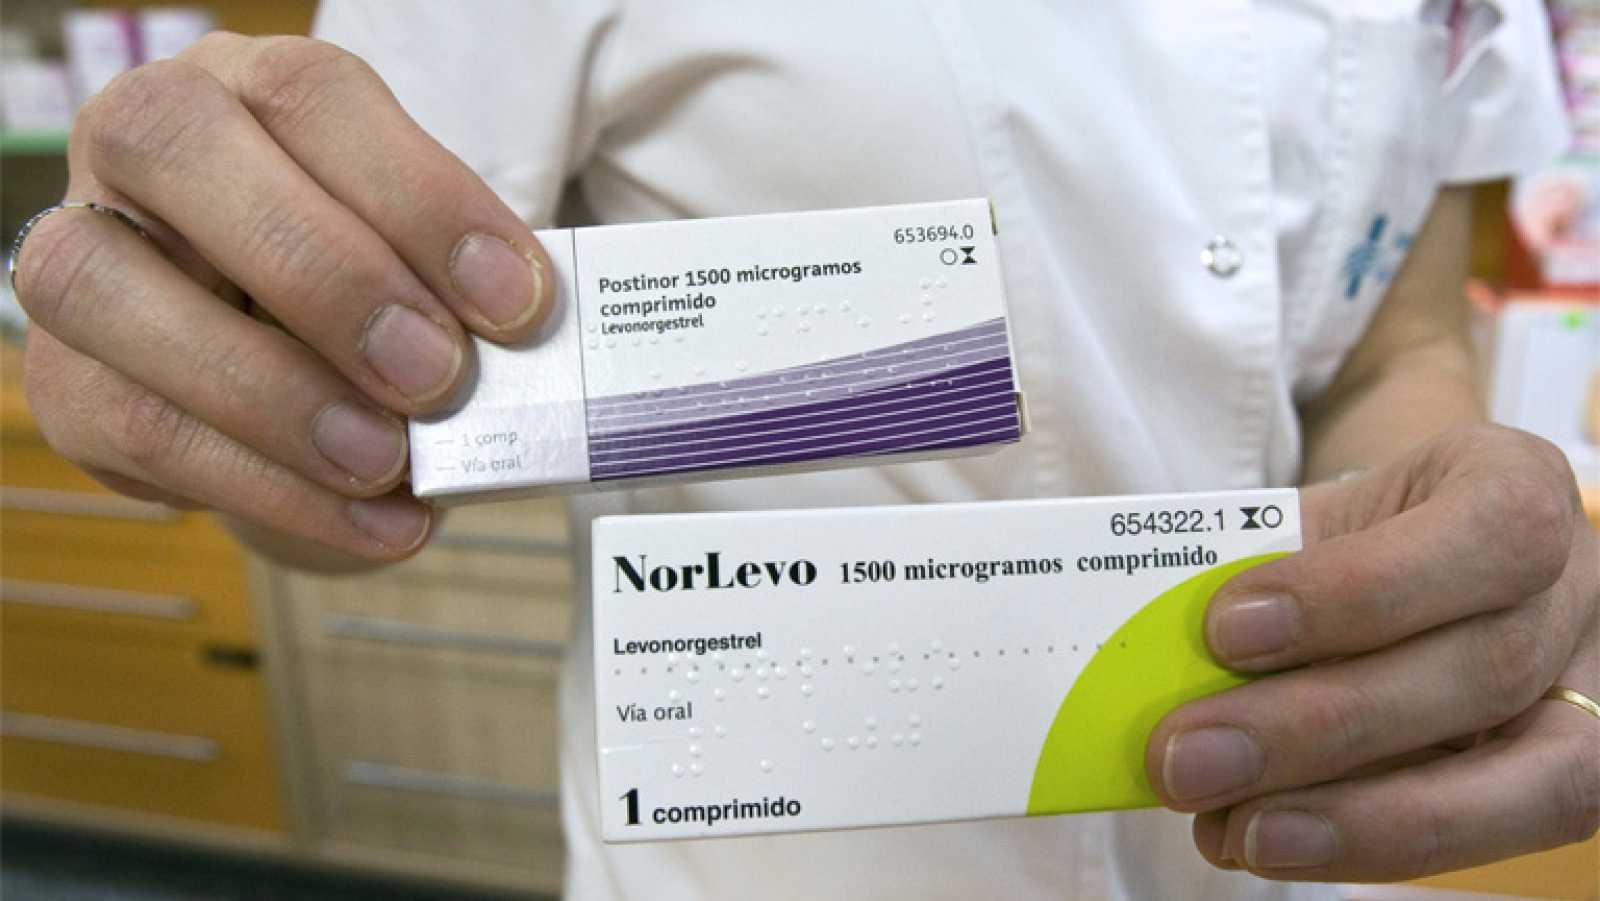 Acabar con la venta libre de la píldora del día después no se sostiene